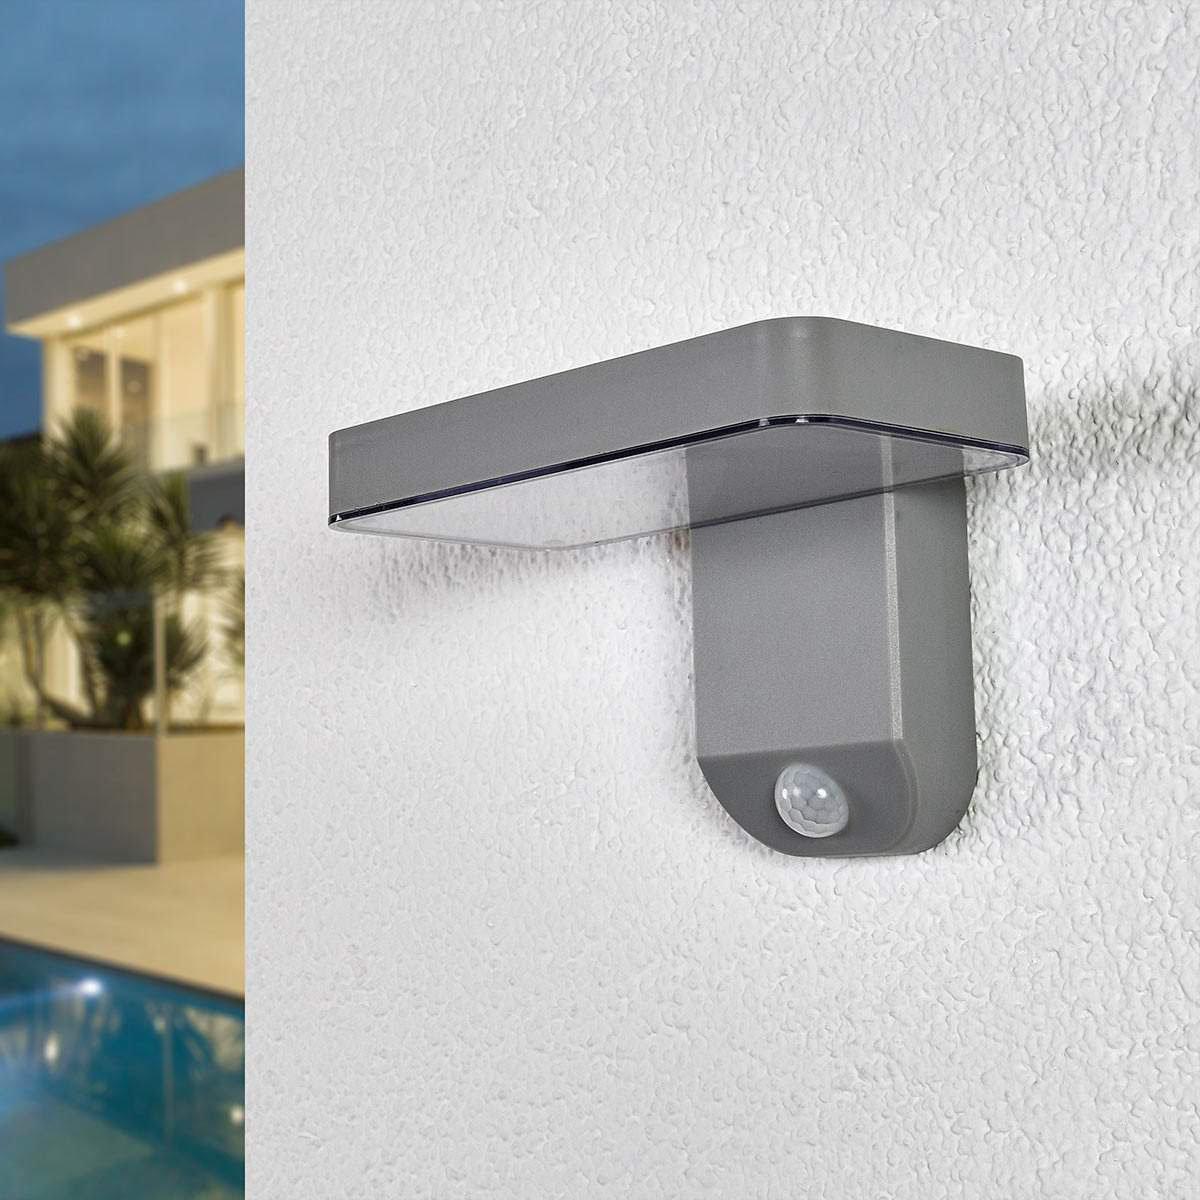 Solar-Außenwandlampe Maik mit Bewegungsmelder, 12x18x12,7 cm, Kunststoff, grau | #2